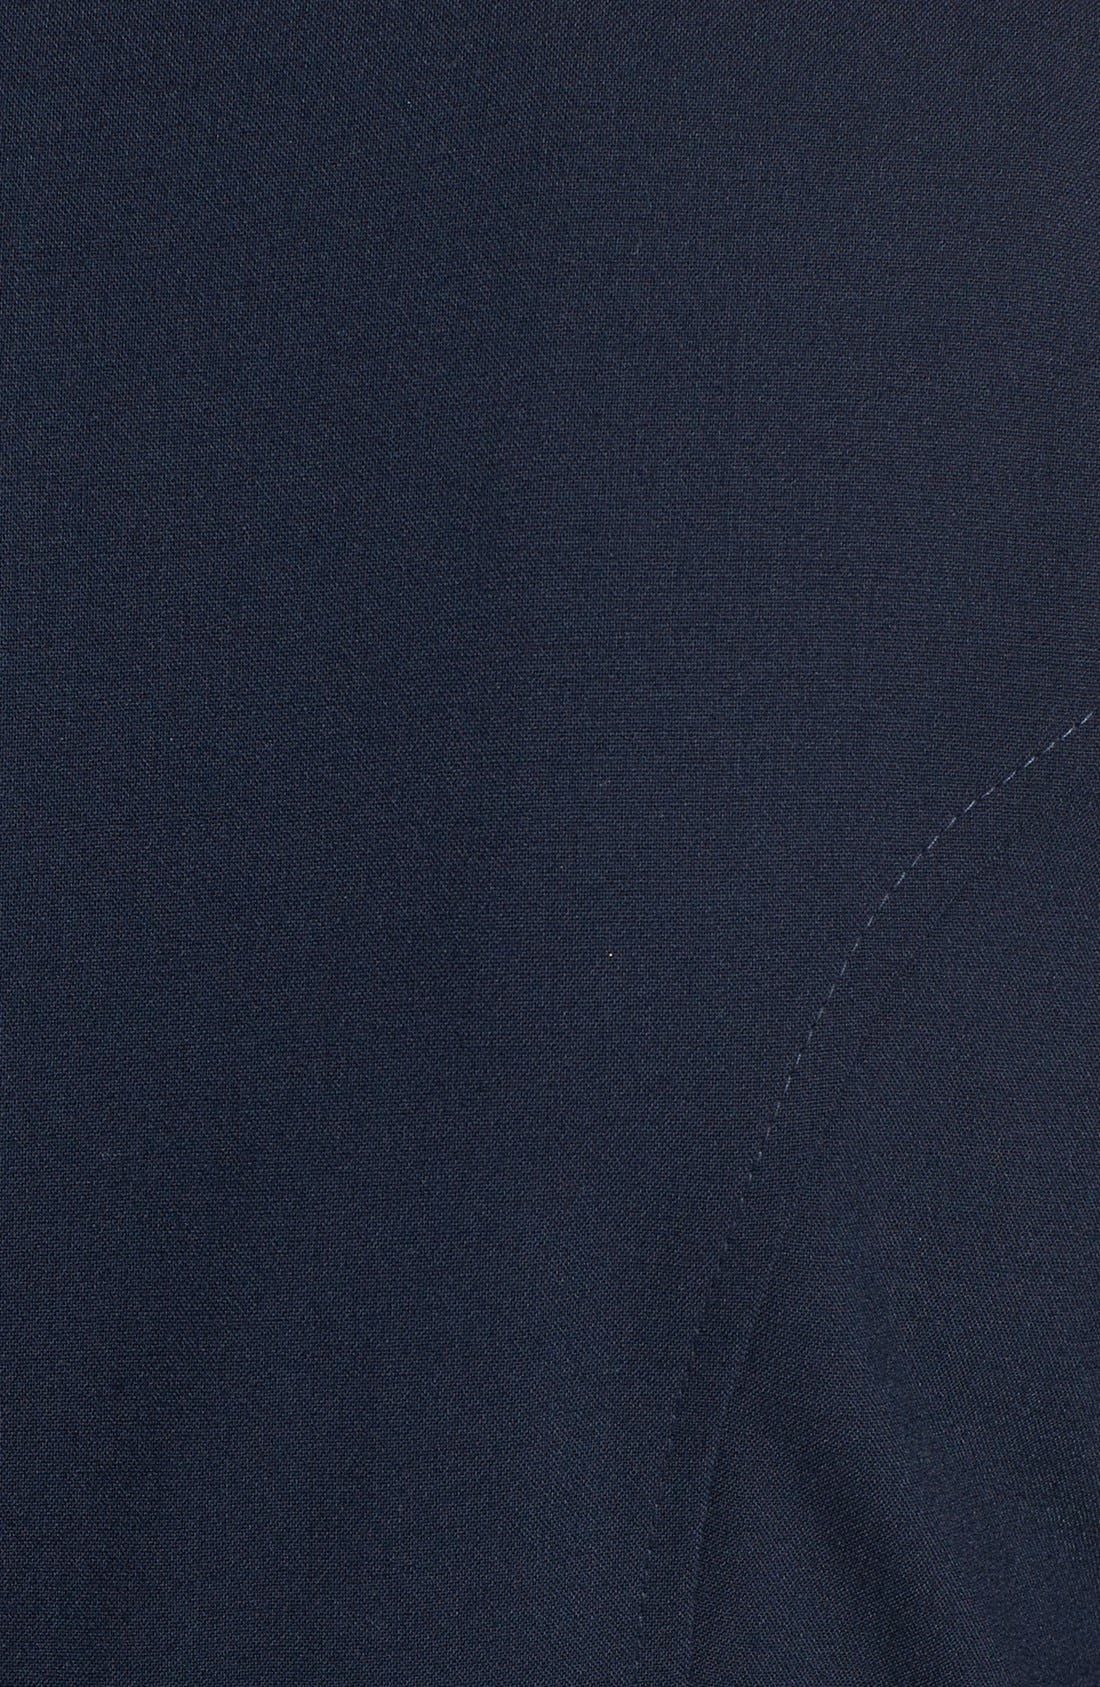 Alternate Image 4  - Tahari V-Neck Shift Dress (Regular & Petite) (Online Only)